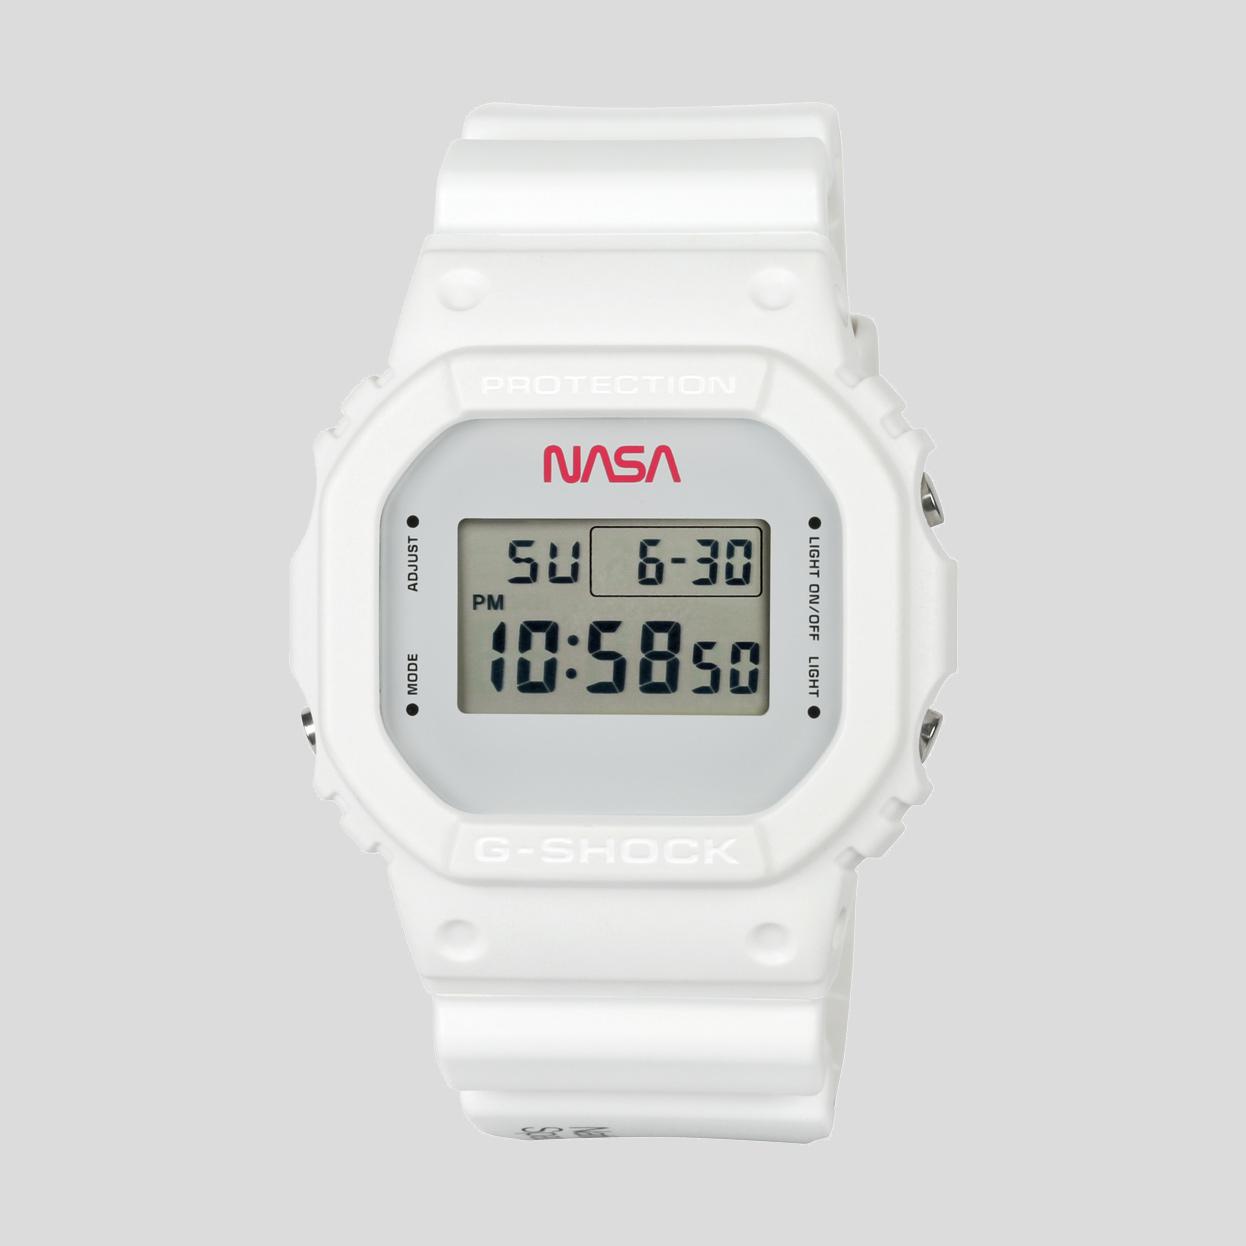 Casio G-Shock DW5600 NASA